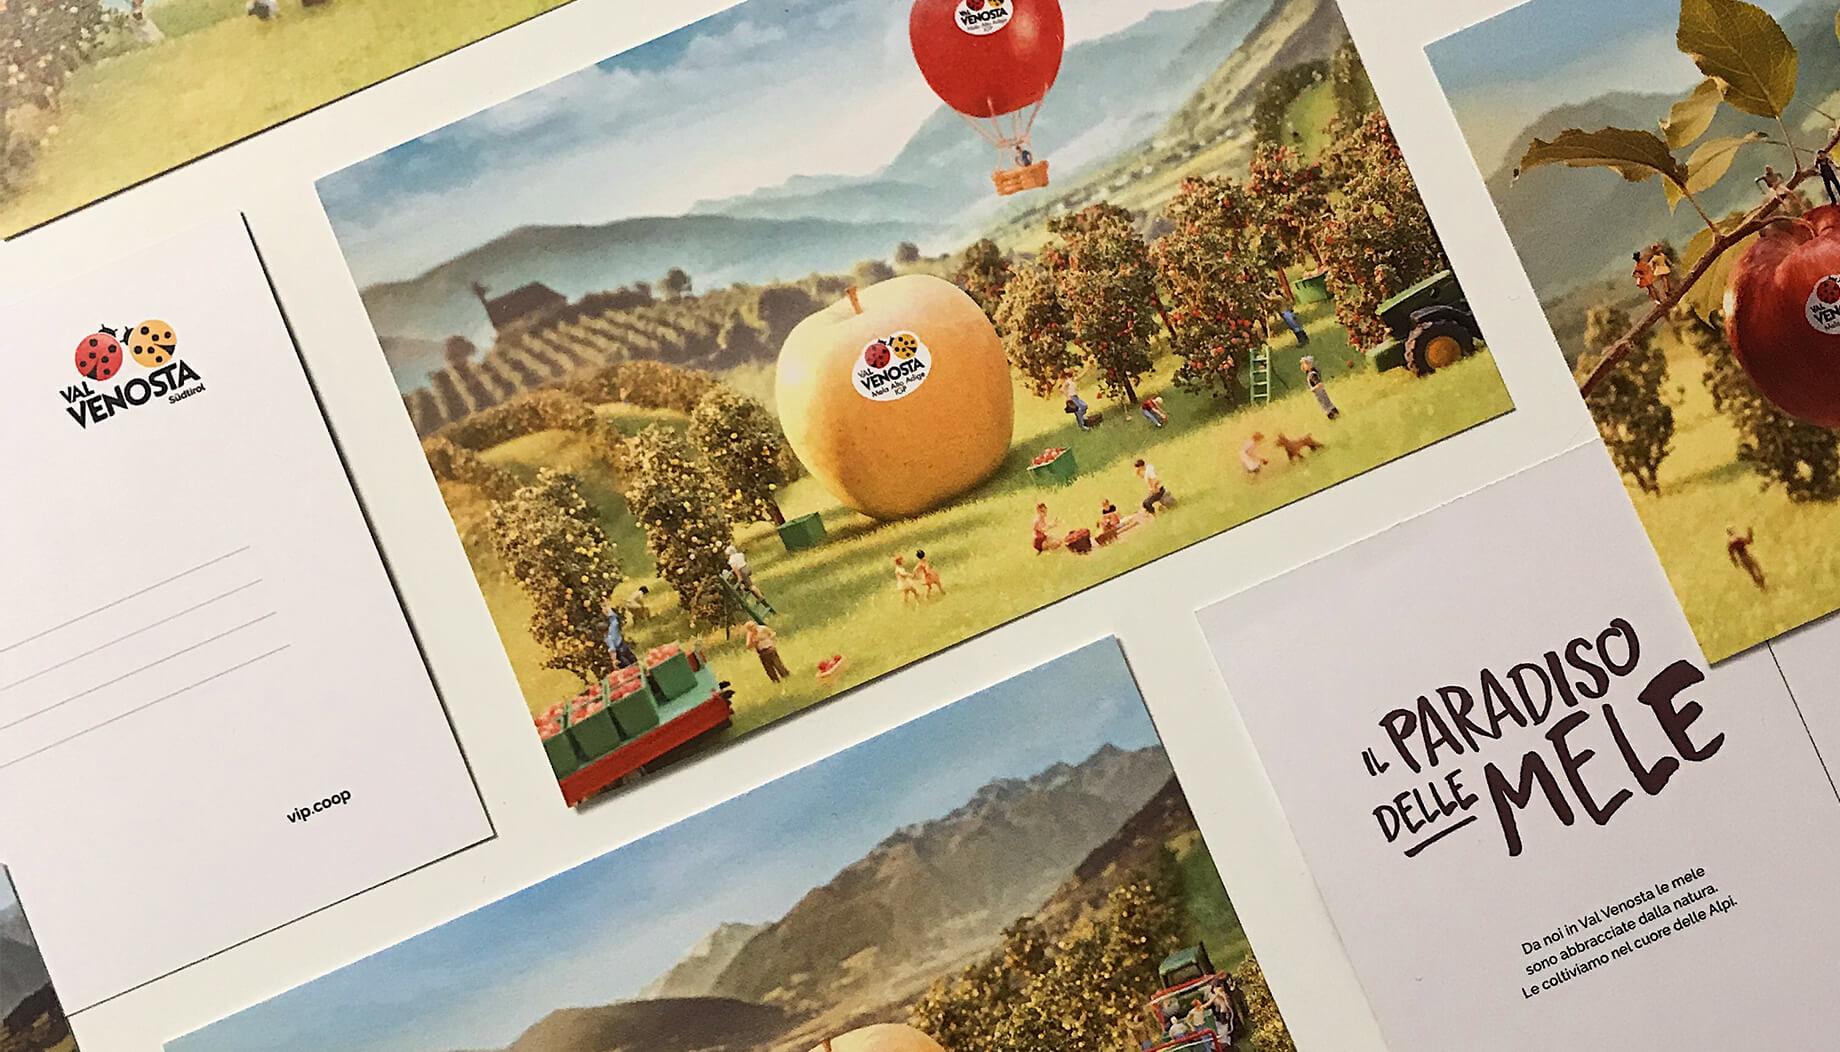 Cartoline corporate con la campagna